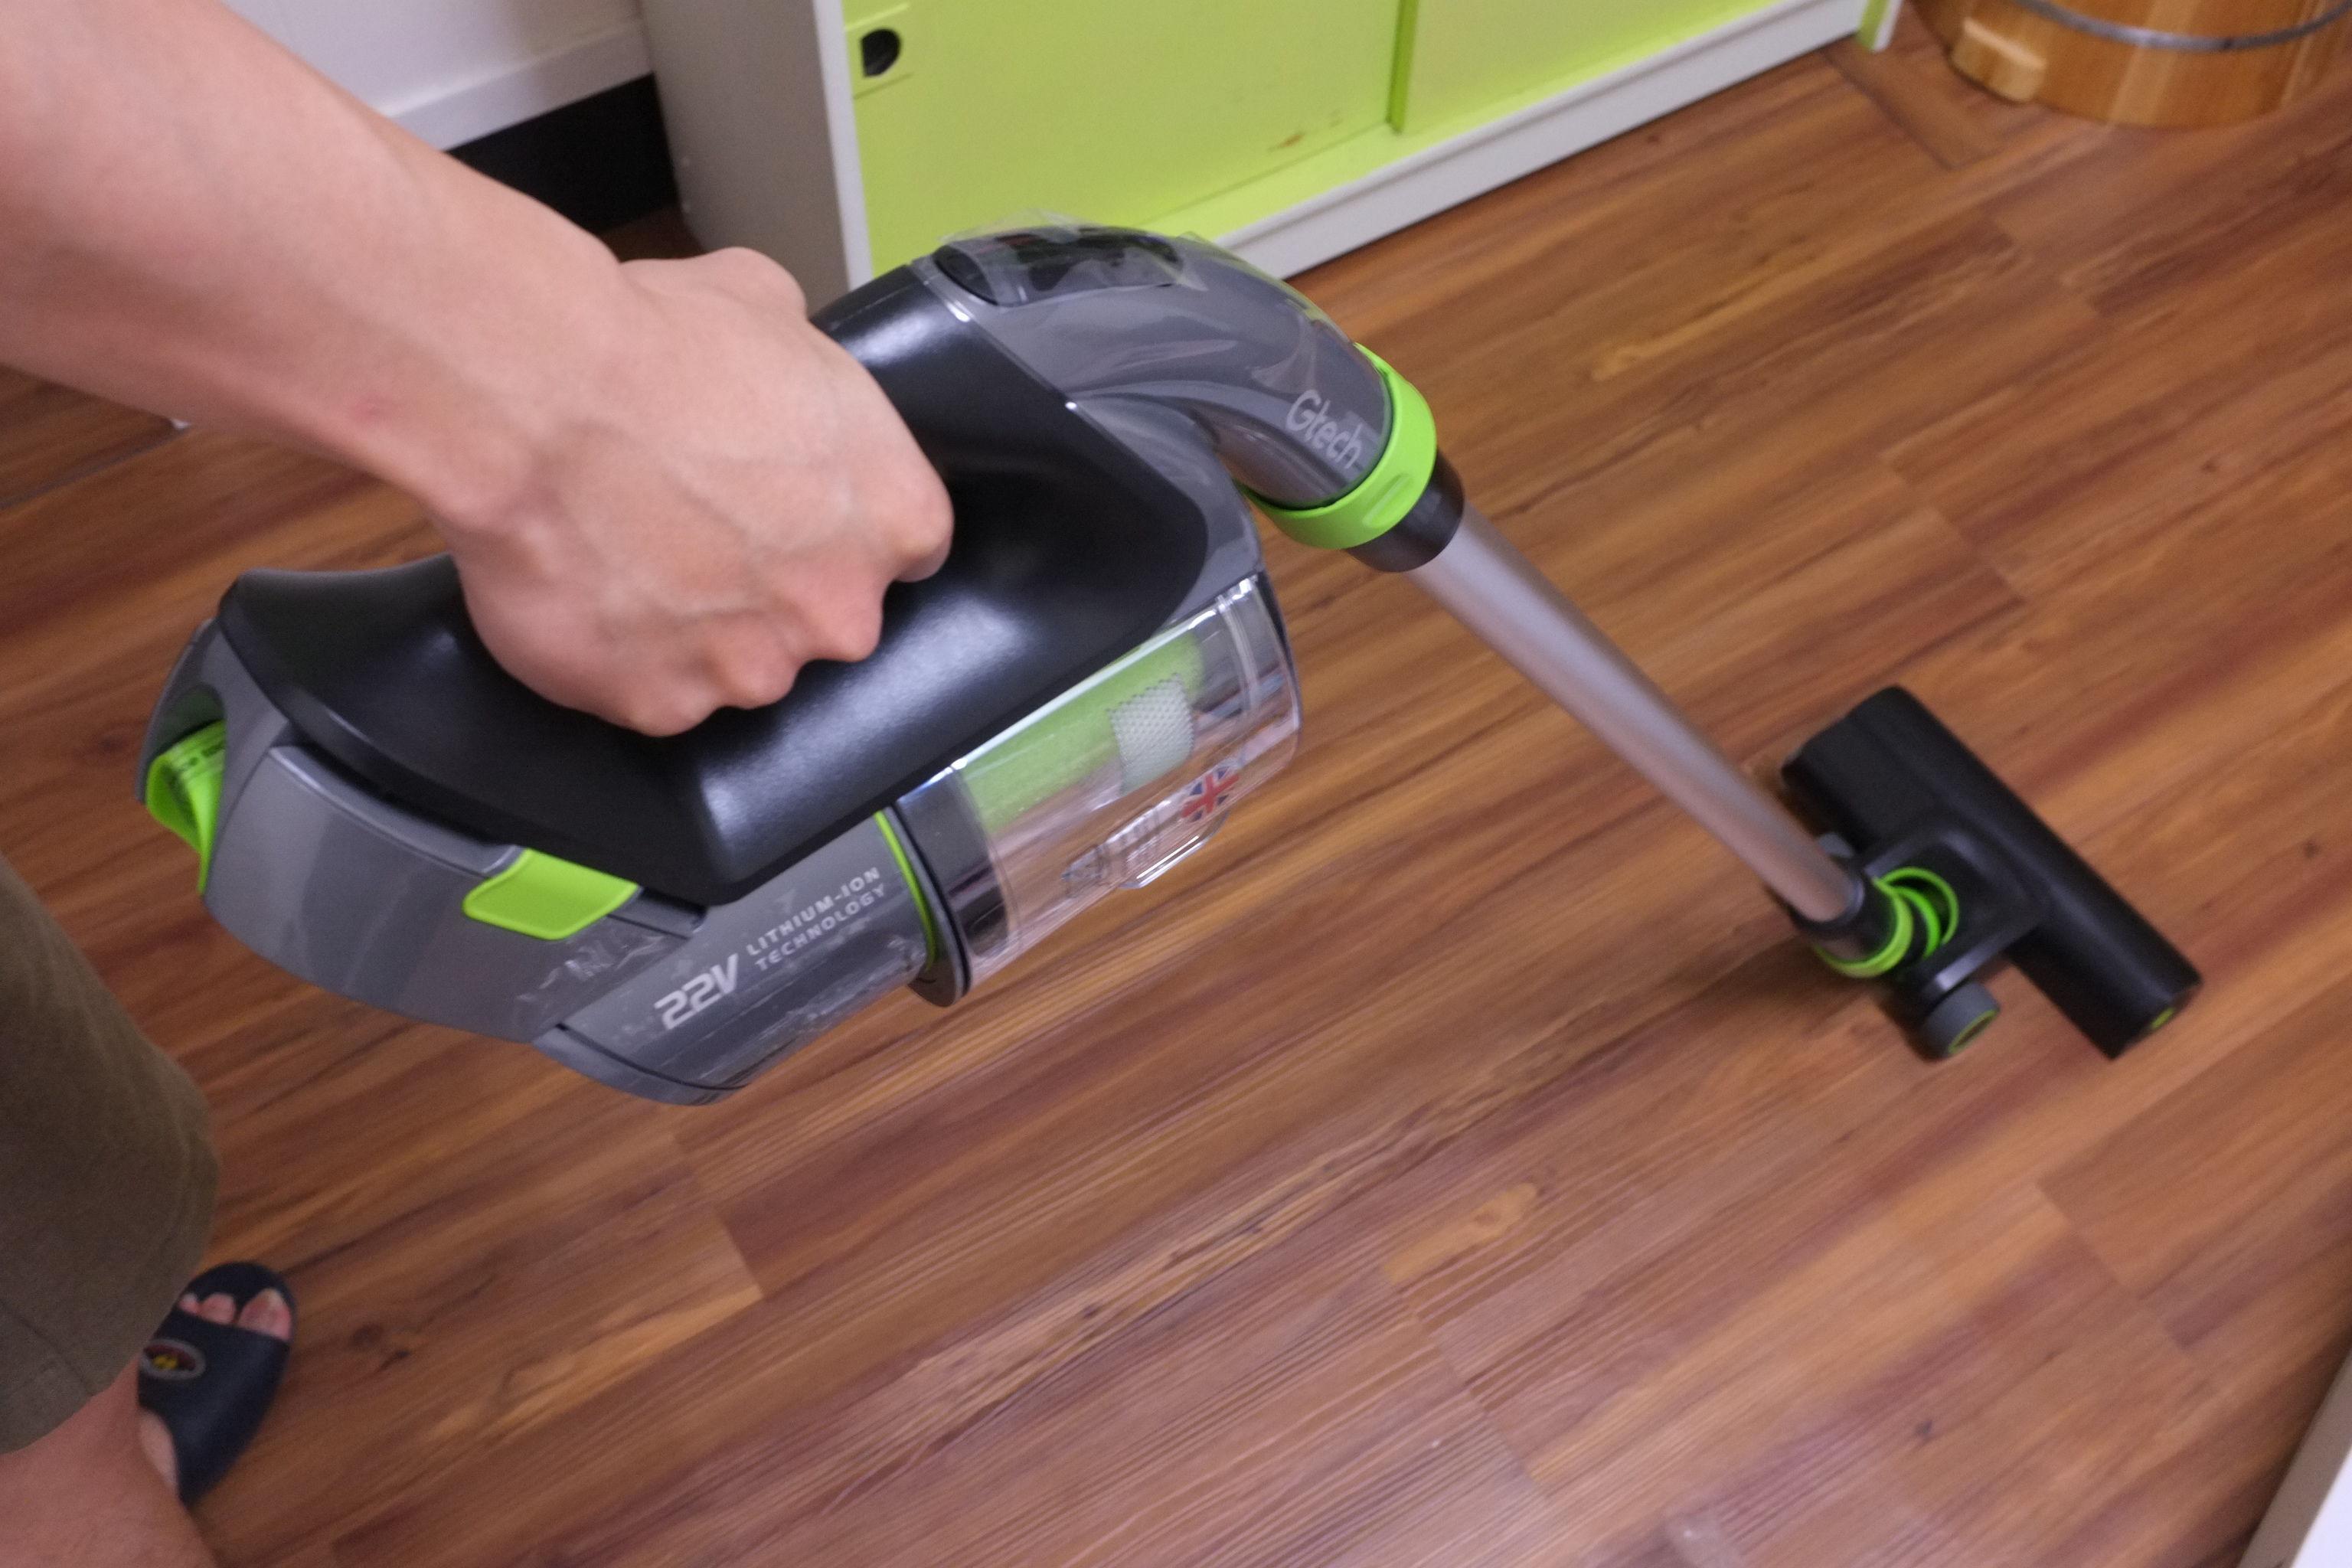 英國小綠無線除蟎手持吸塵器開箱評價